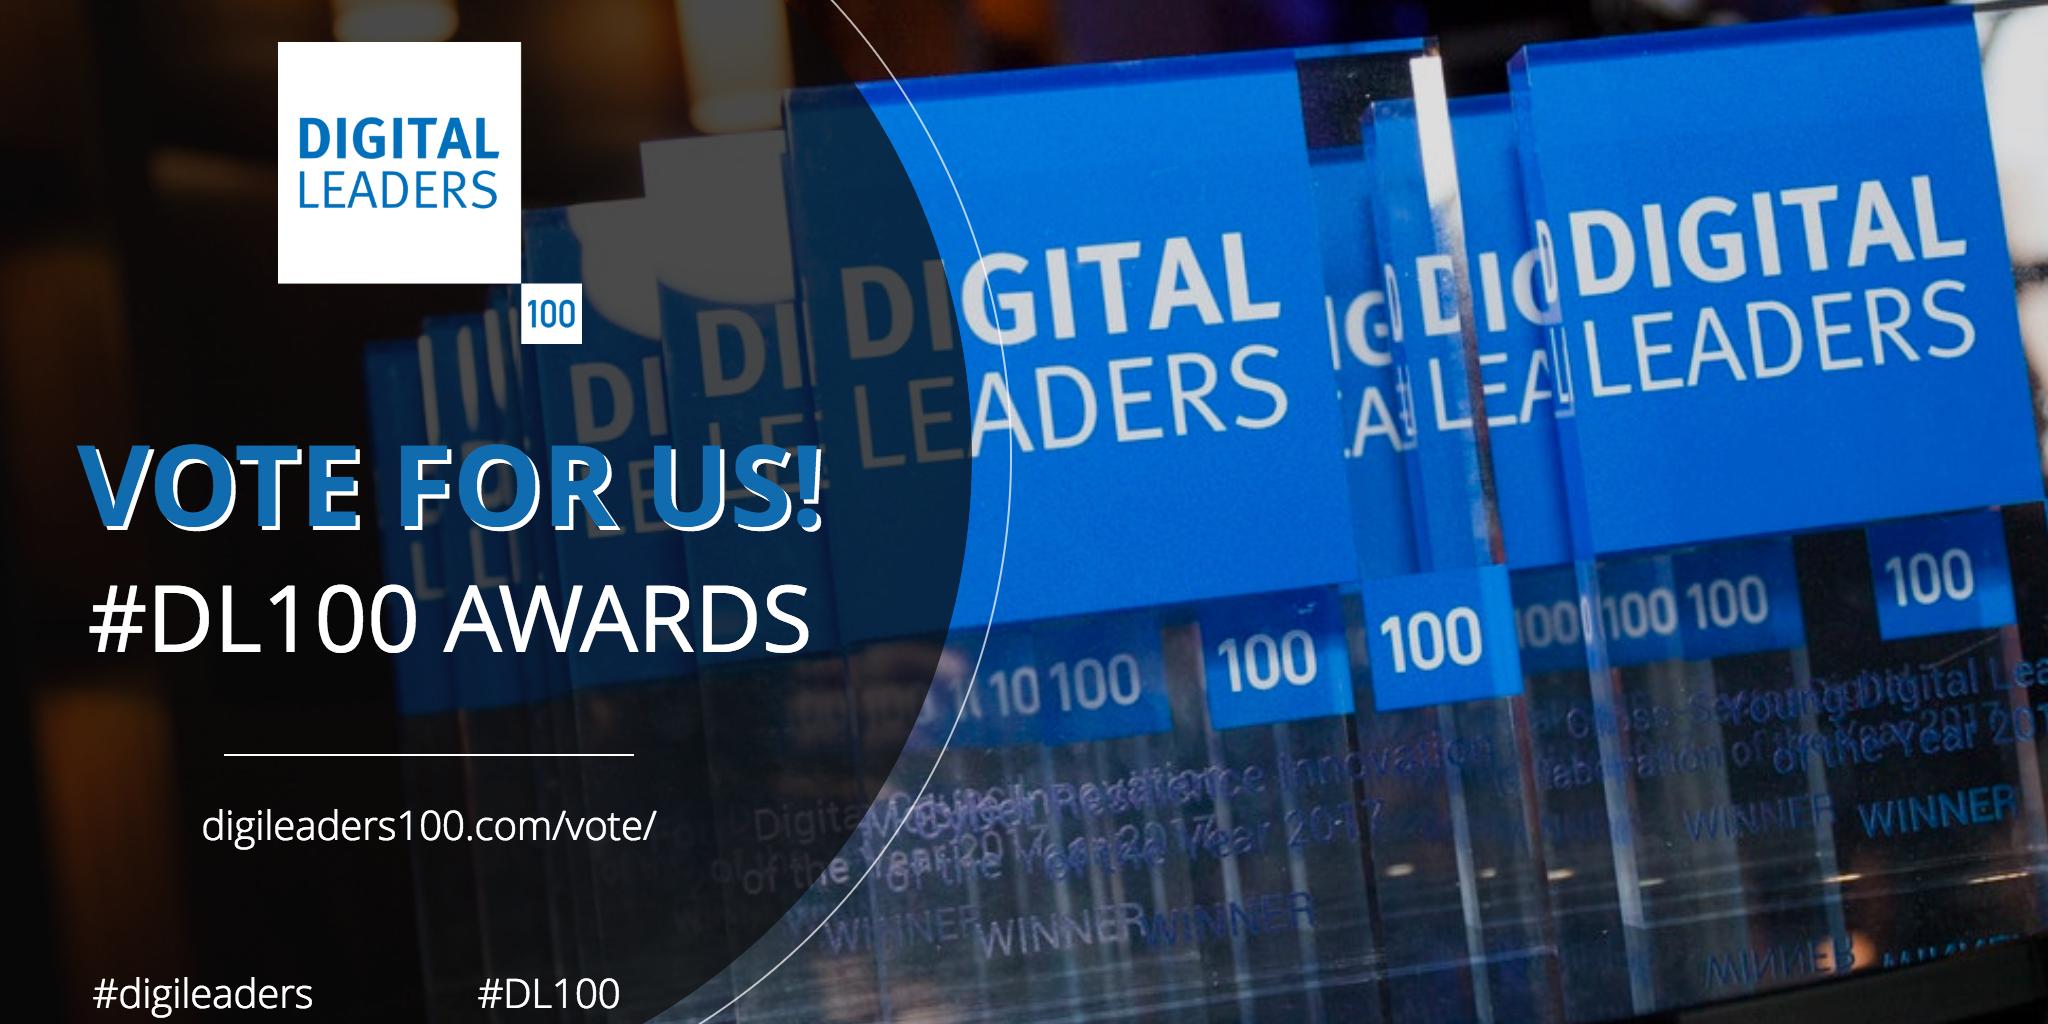 Digital Leaders DL100